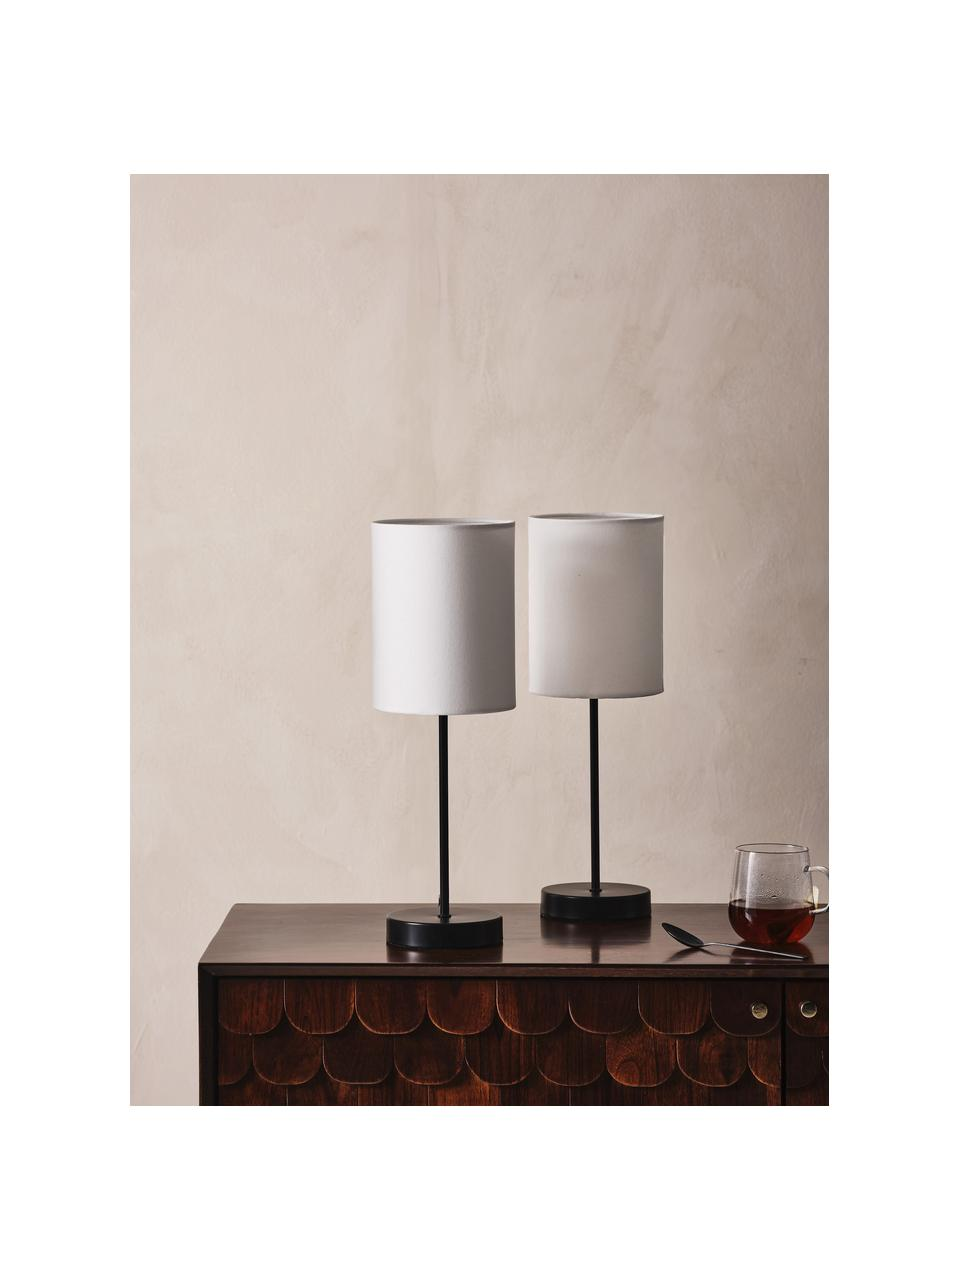 Lampada da tavolo con paralume in tessuto Seth 2 pz, Paralume: tessuto, Base della lampada: metallo verniciato, Struttura: metallo verniciato, Nero, bianco, Ø 15 x Alt. 45 cm